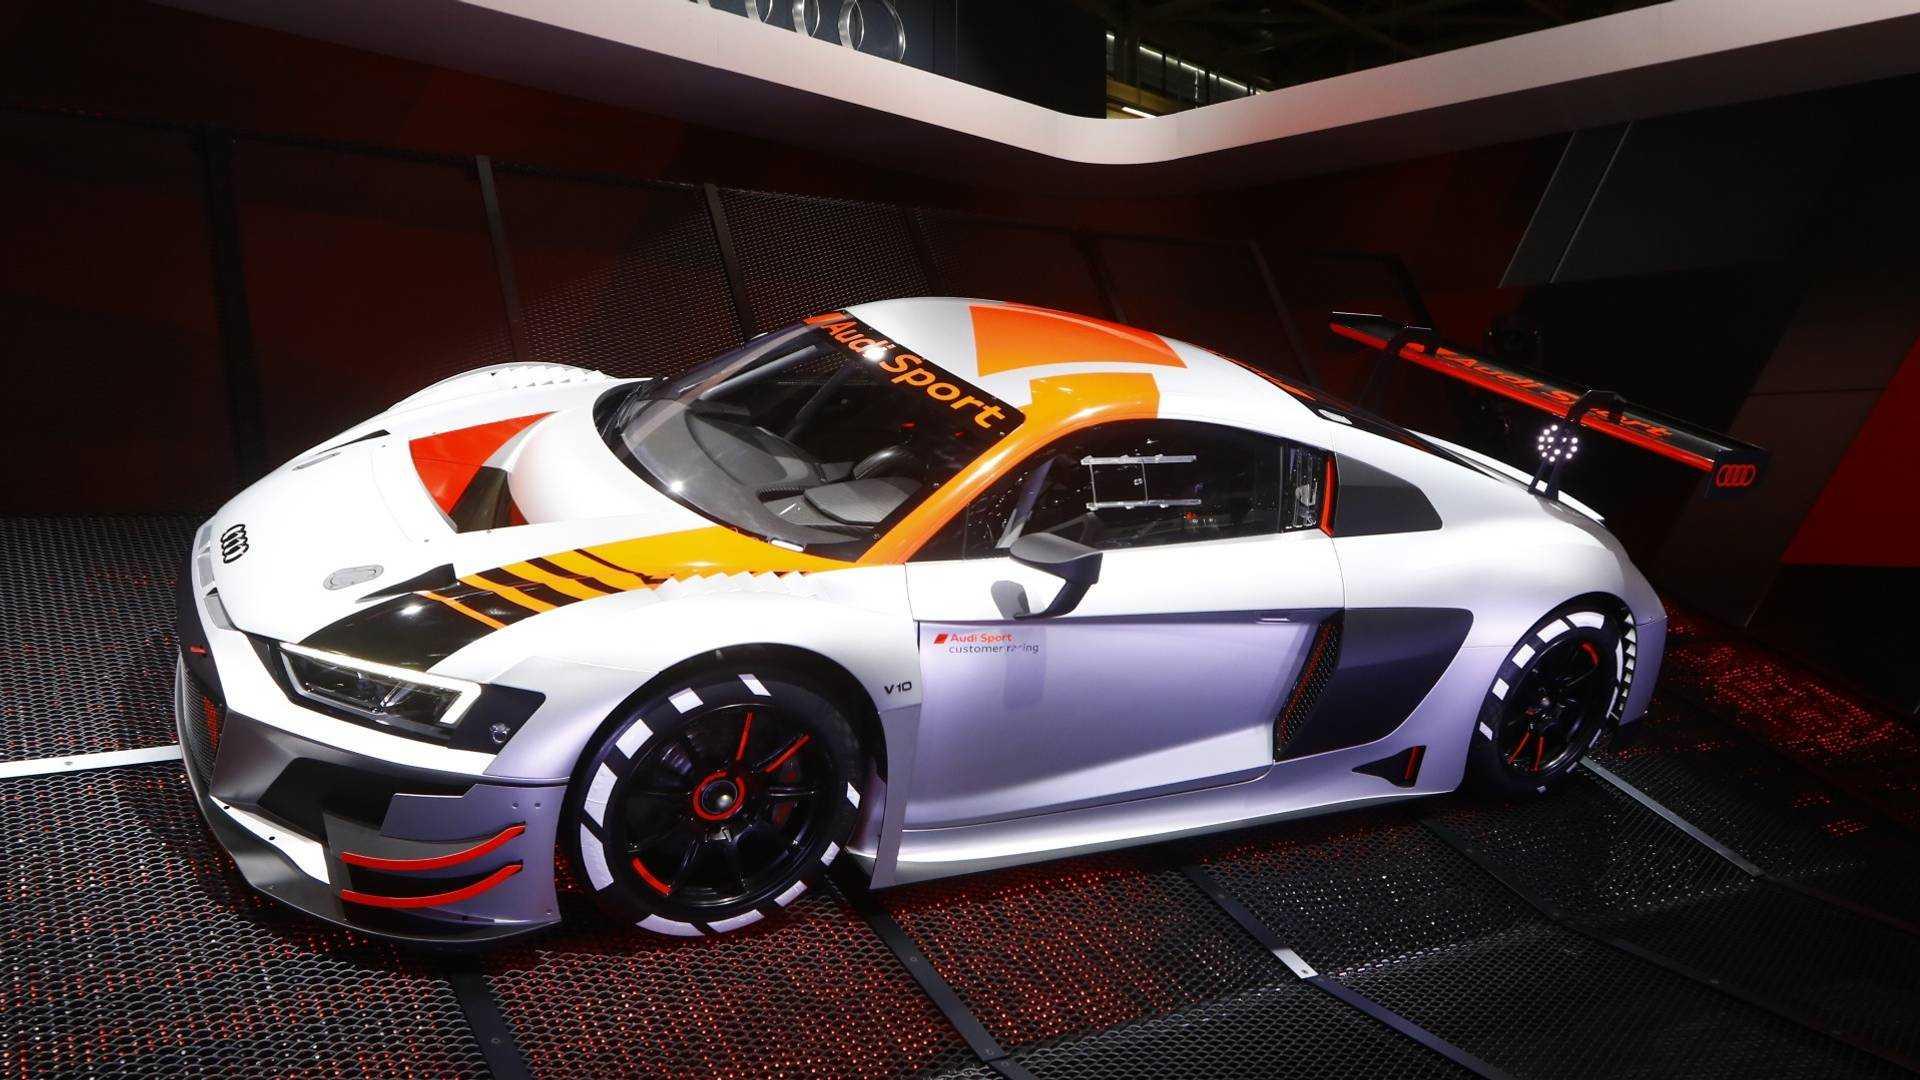 Kelebihan Kekurangan Audi R8 Gt3 Perbandingan Harga